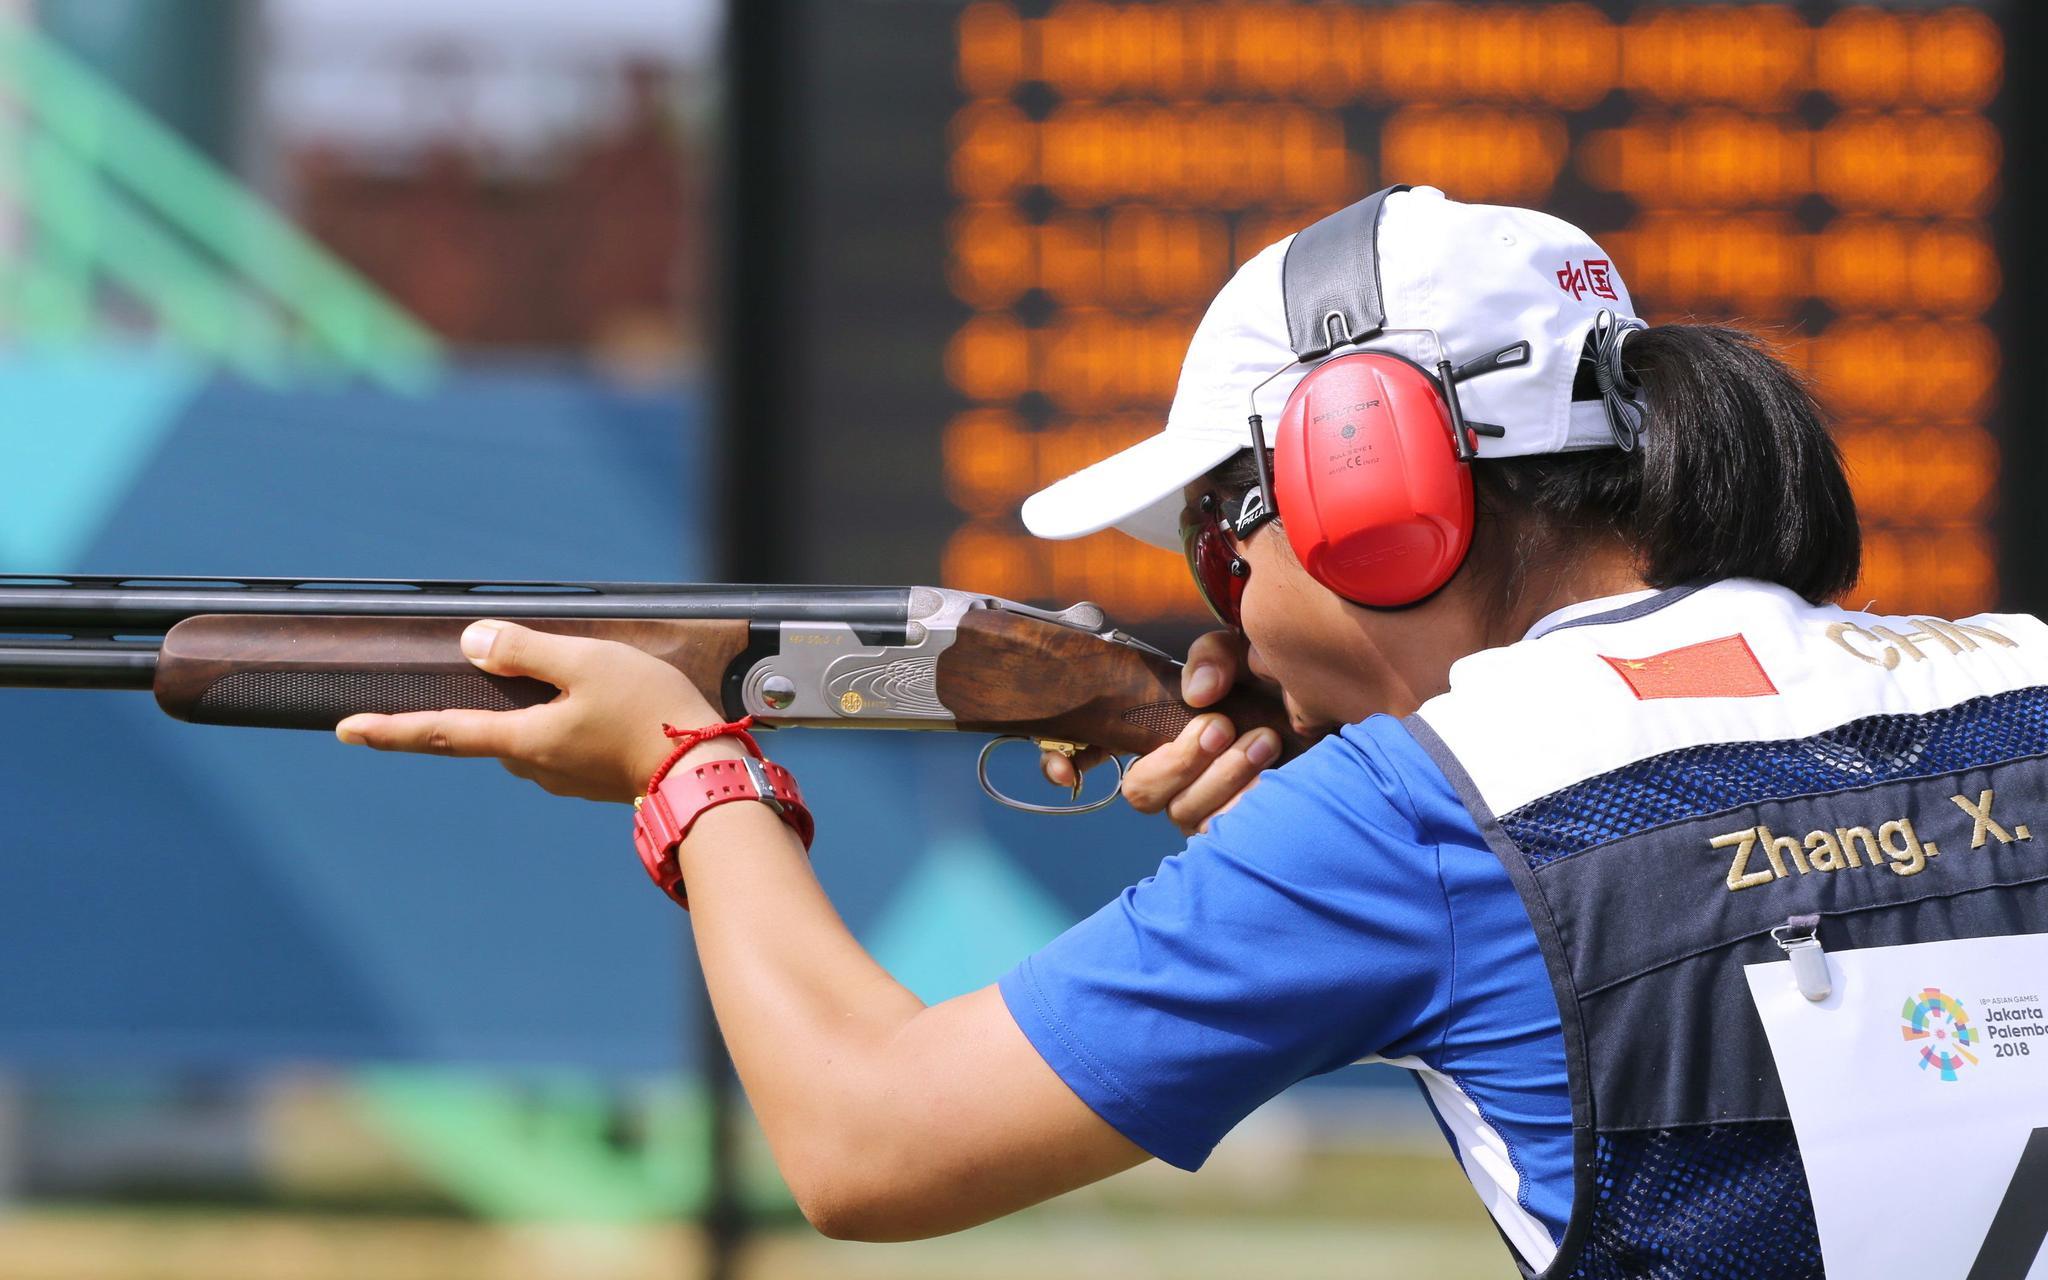 射击世青赛因疫情取消 国家二队集训计划受影响